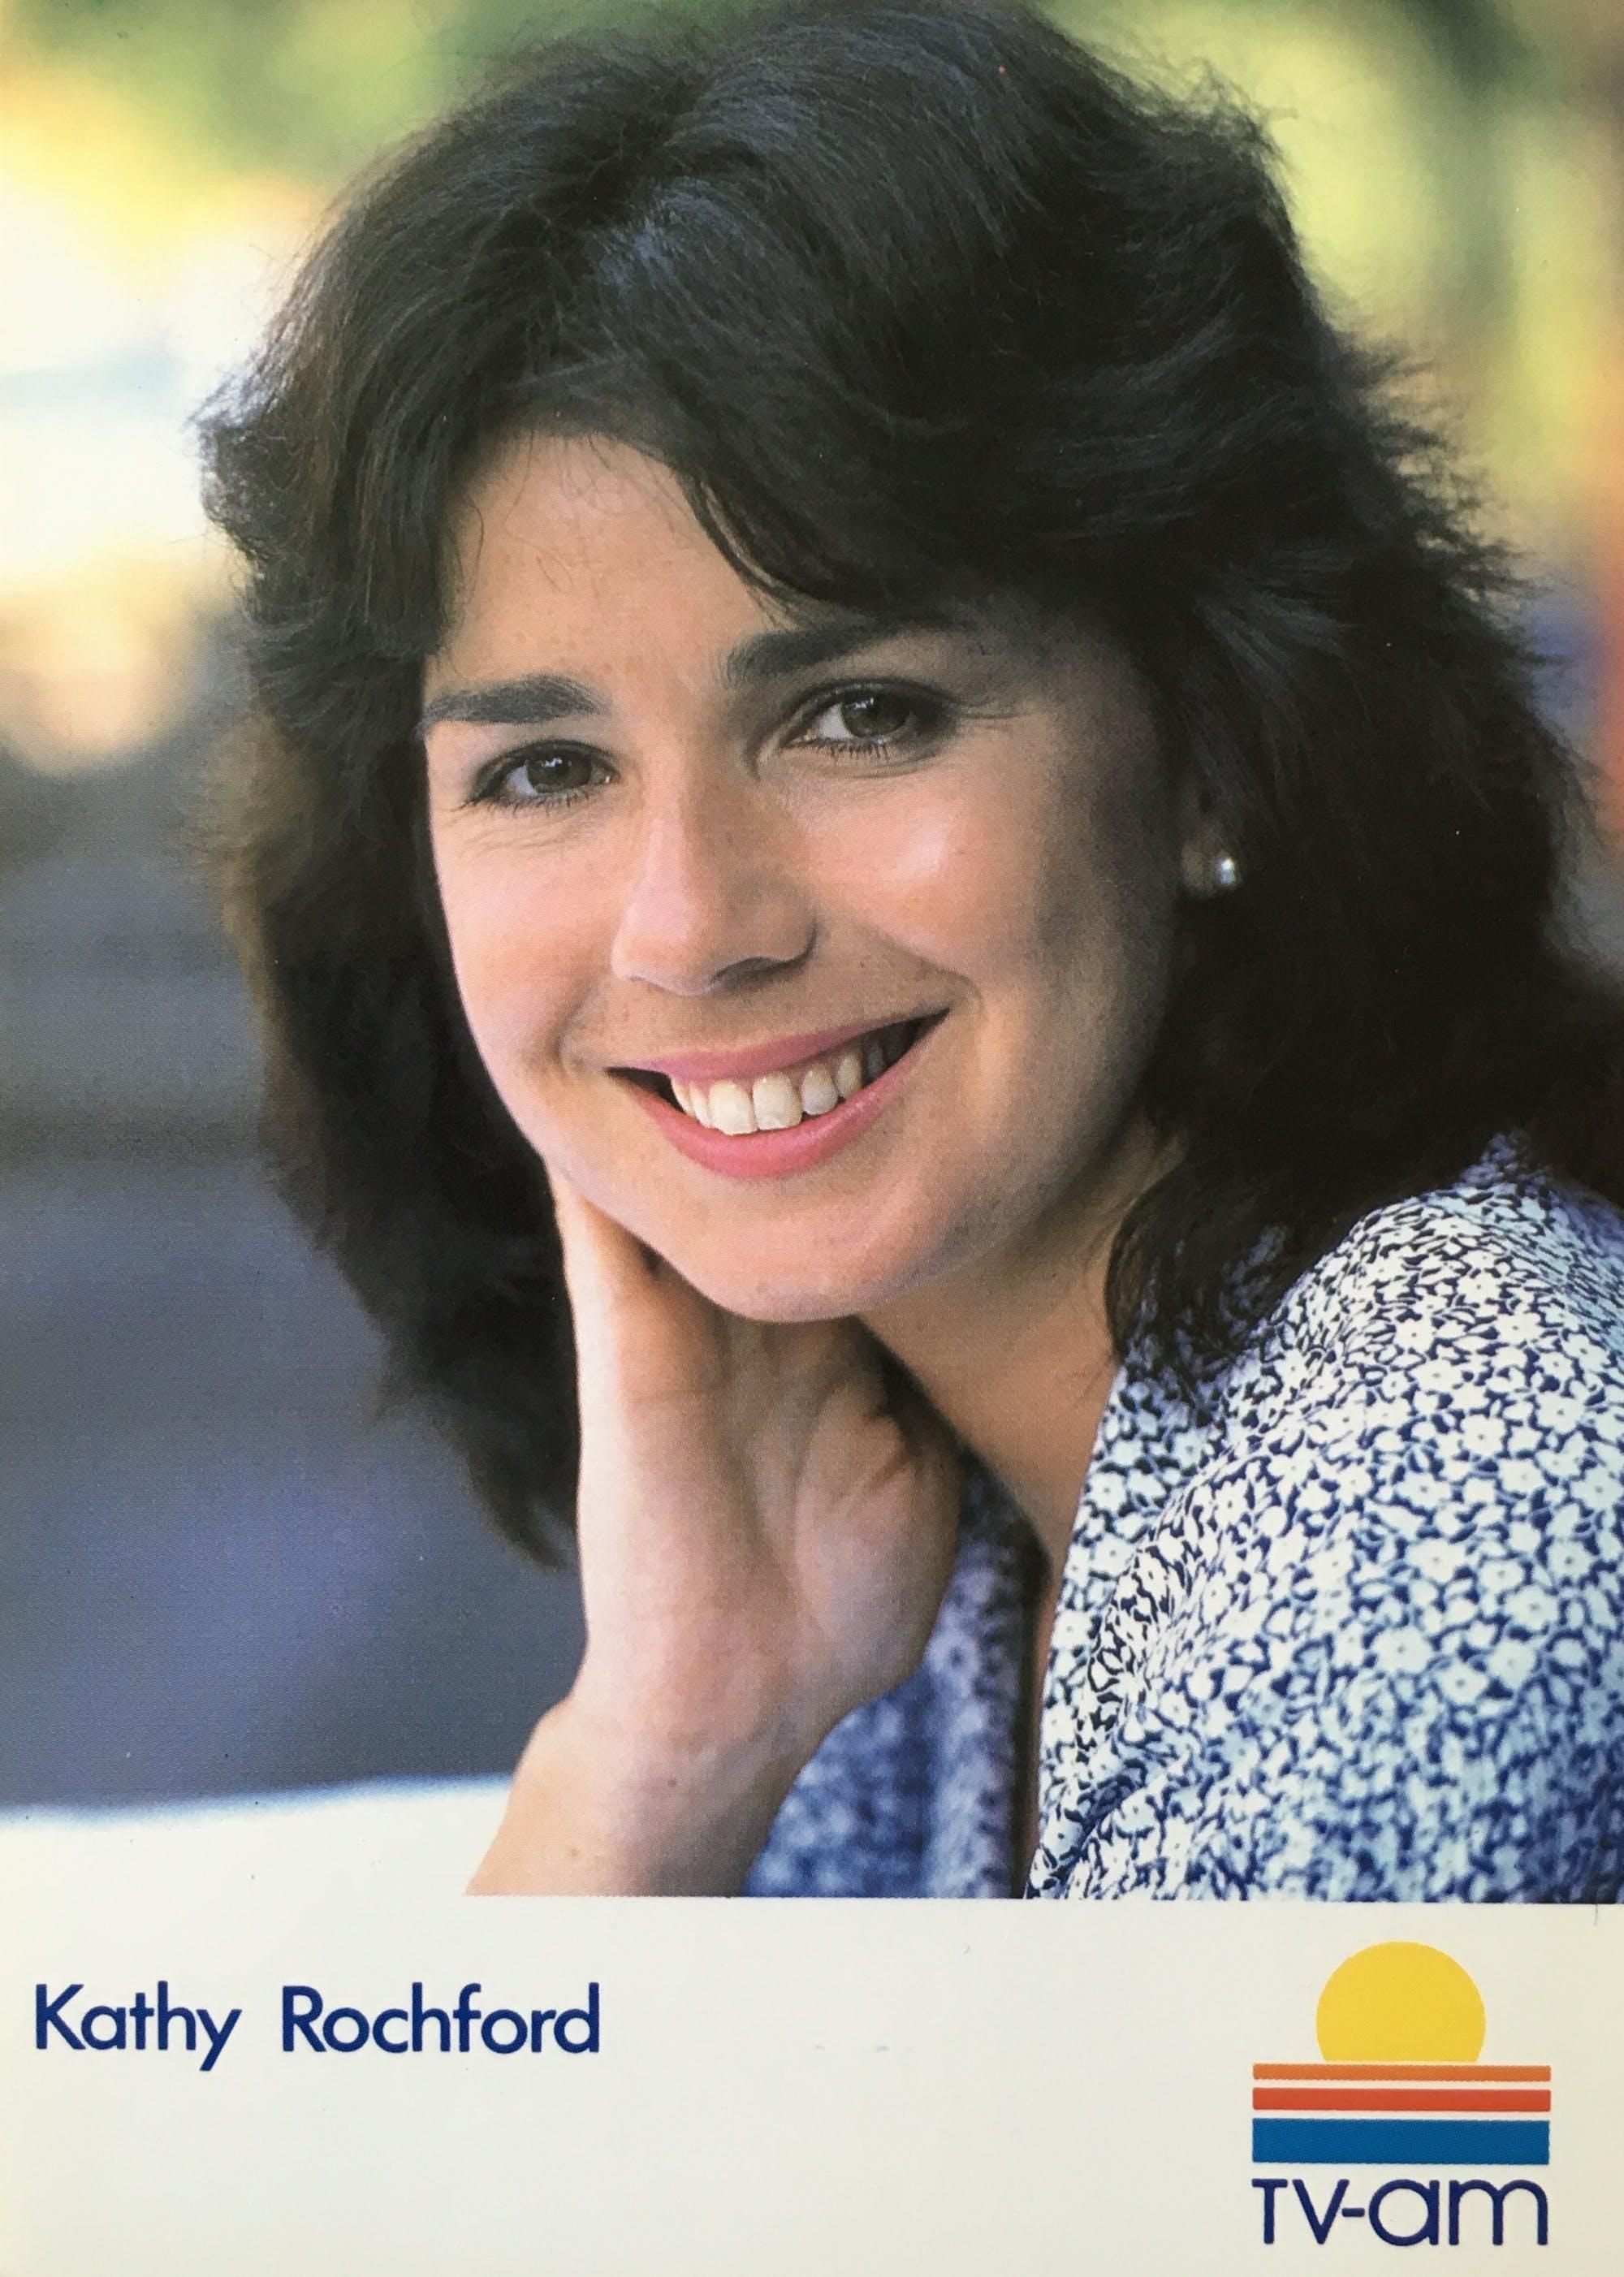 Kathy Rochford